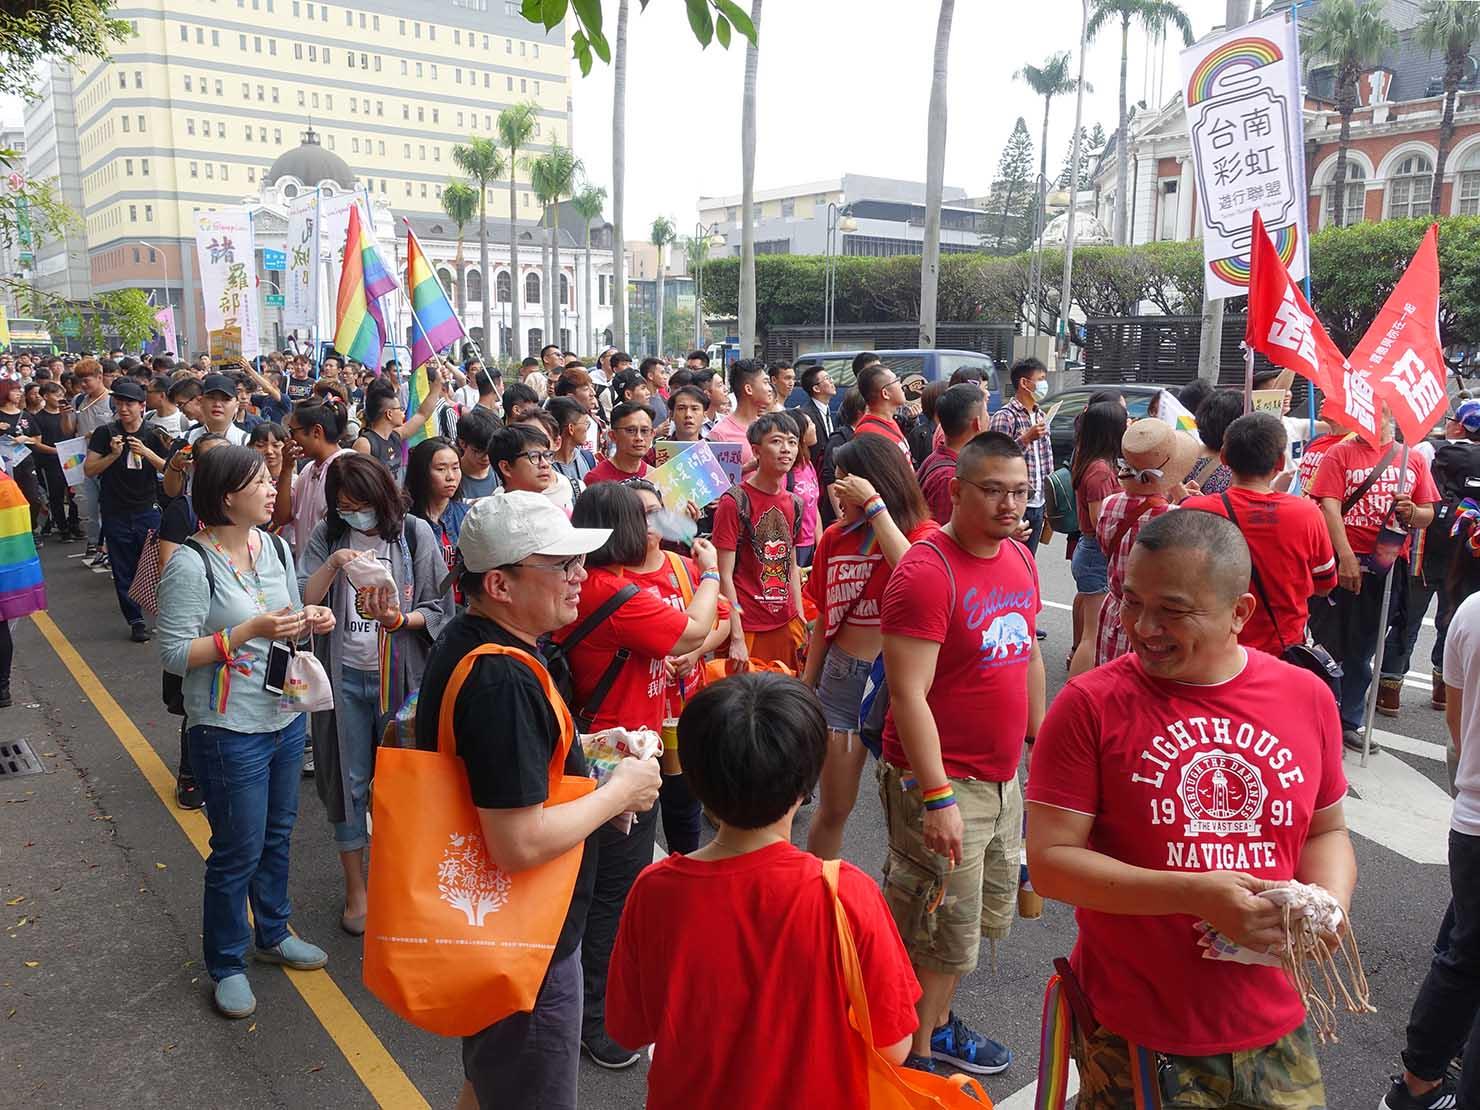 台中同志遊行(台中LGBTプライド)2018のパレードを歩く参加者たち